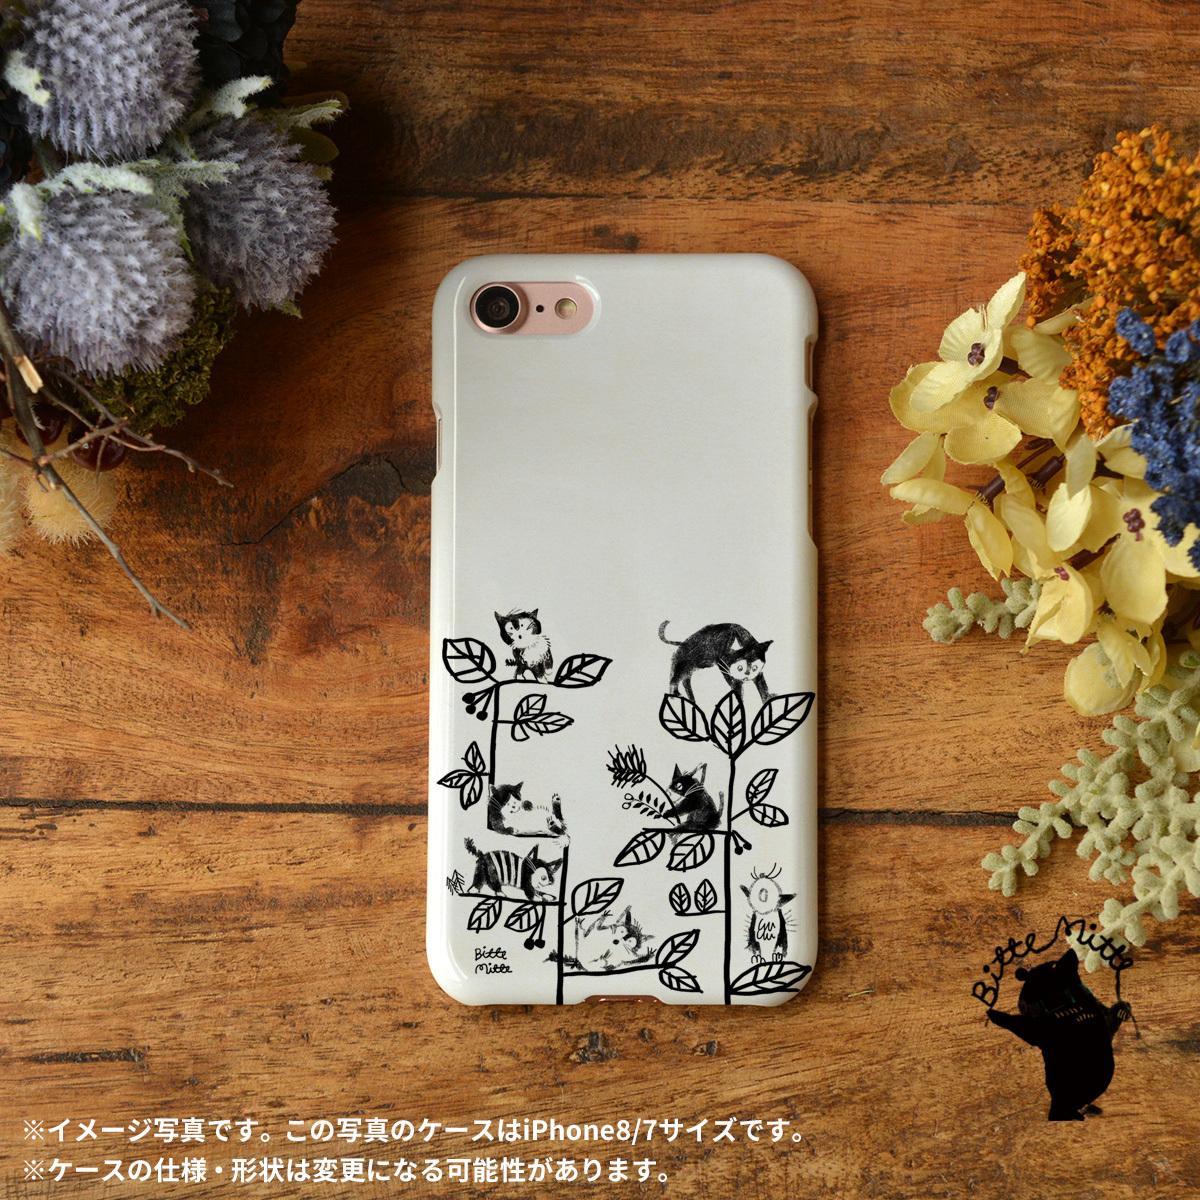 iphone8 ハードケース おしゃれ iphone8 ハードケース シンプル iphone7 ケース かわいい ハード ねこ ネコ ボタニカル 猫と葉っぱ/Bitte Mitte!